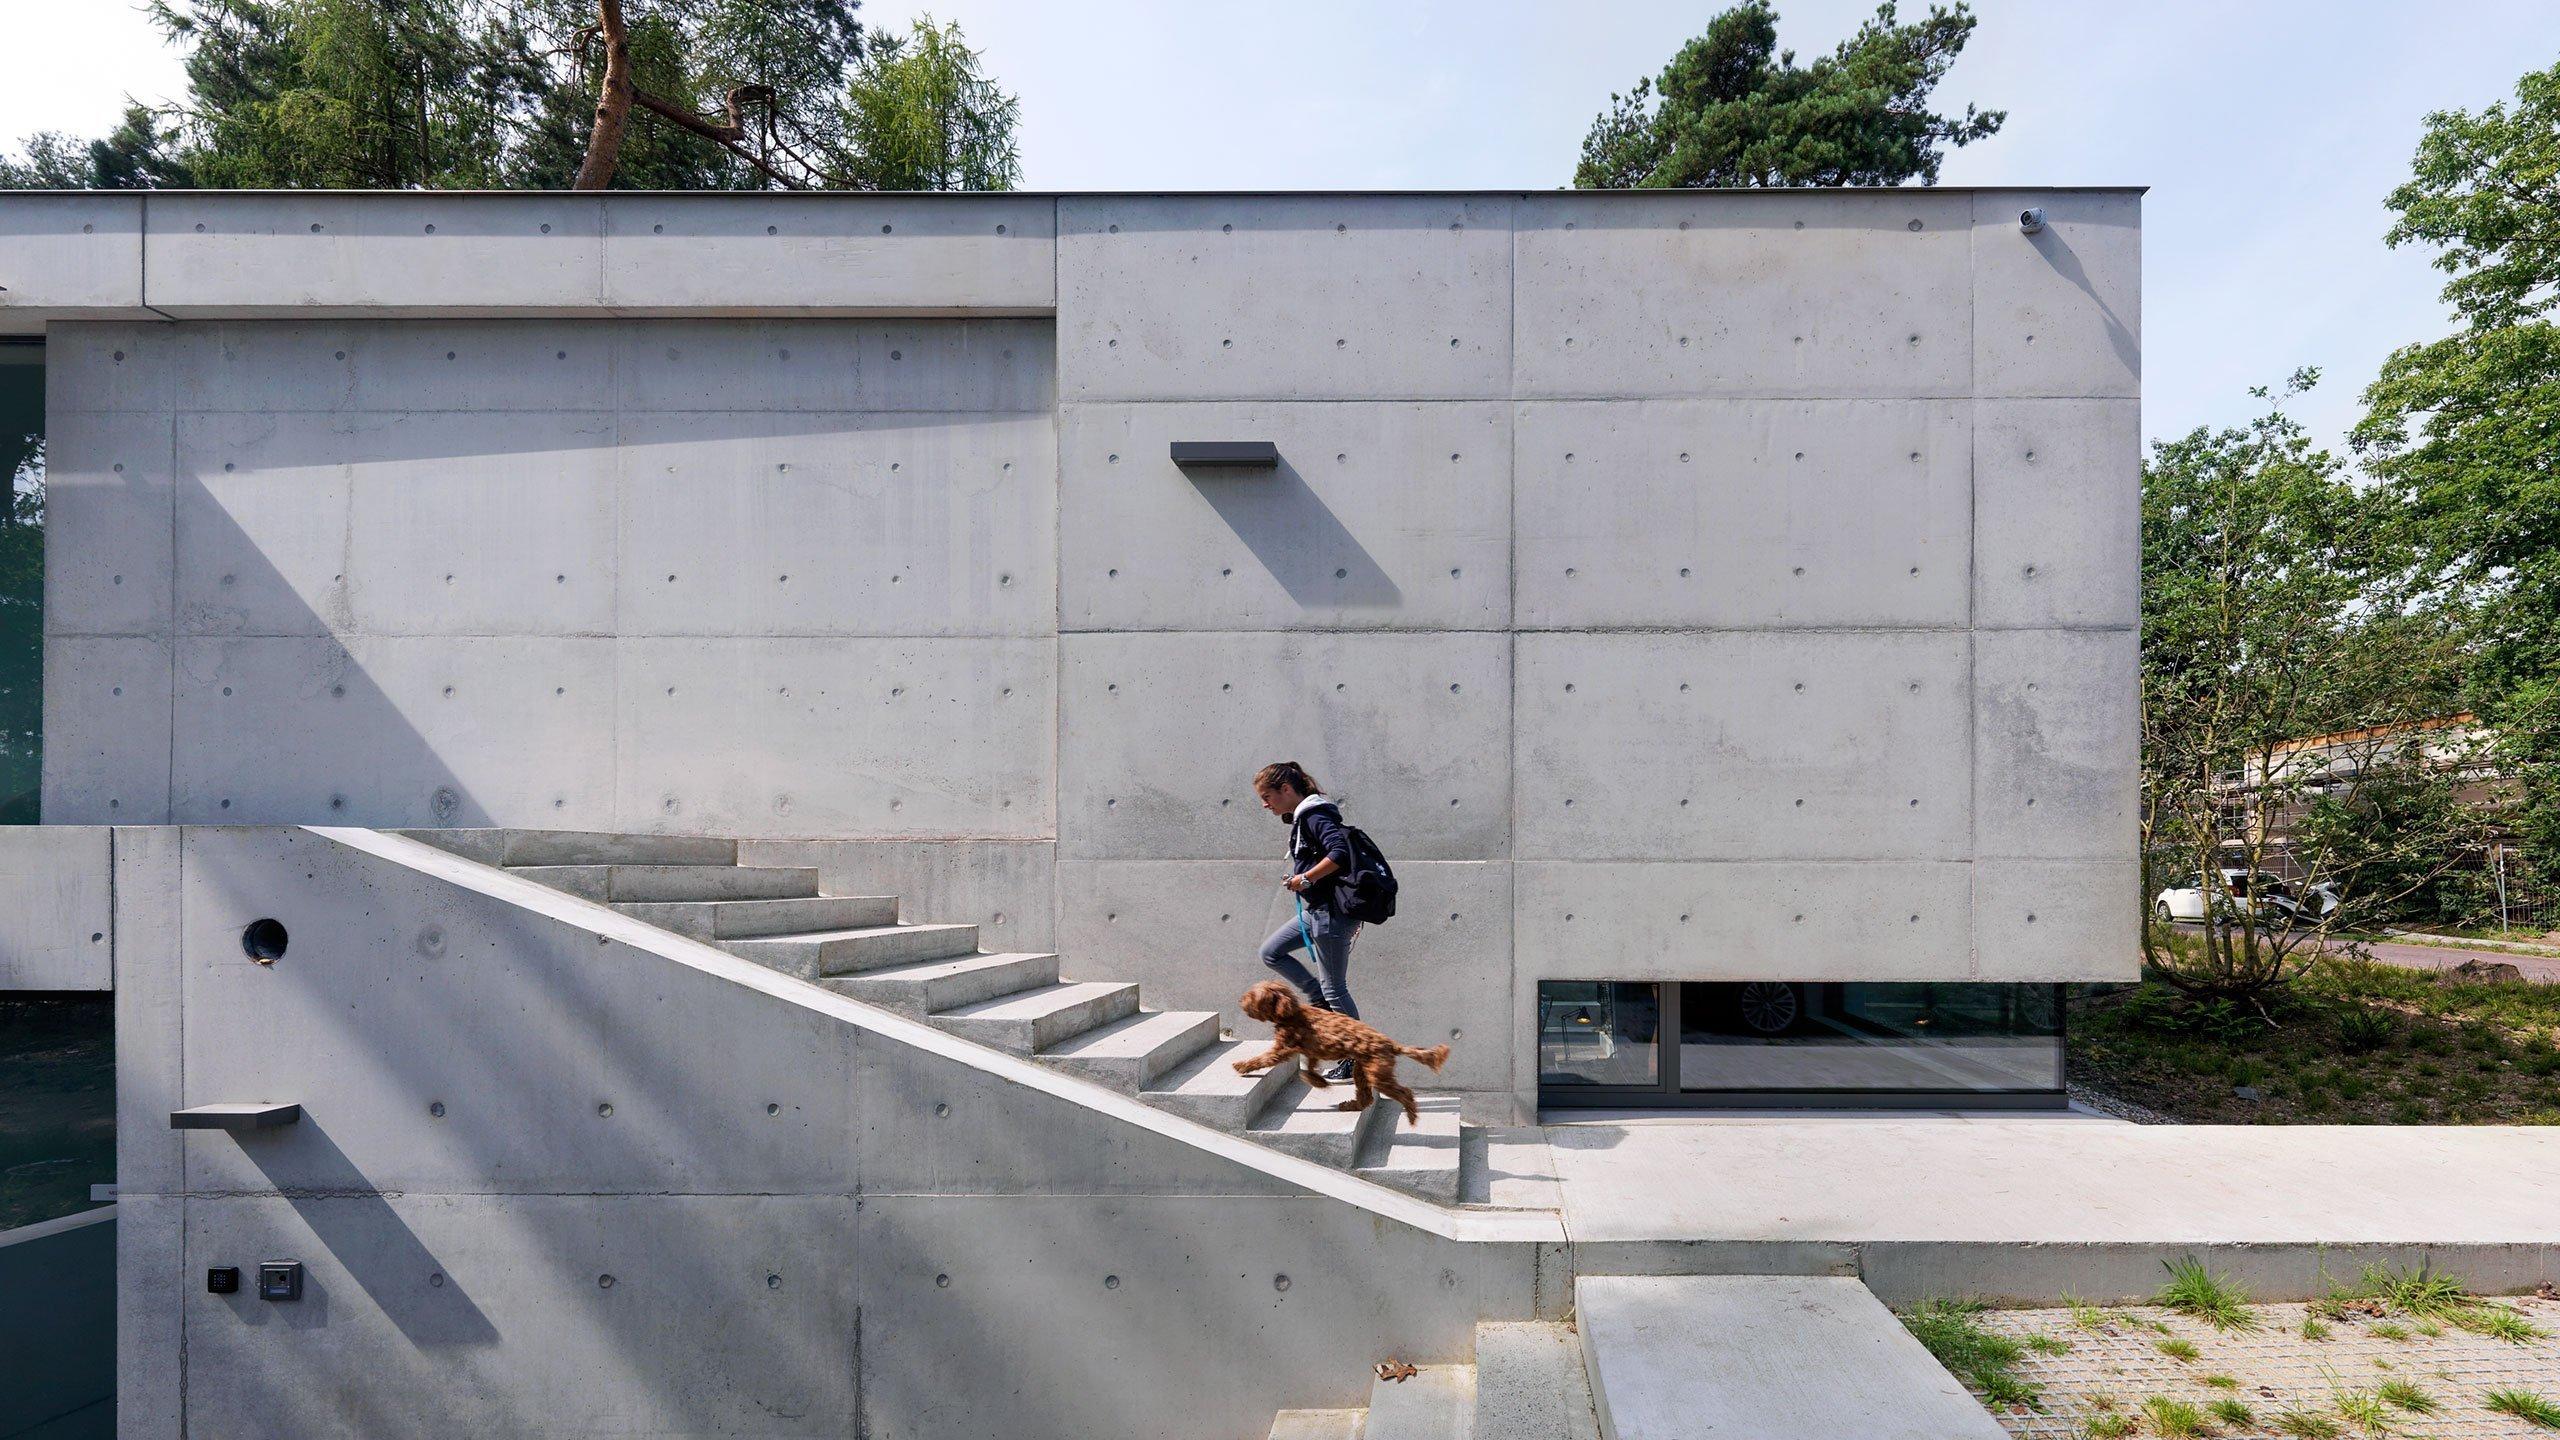 Vila uvnitř i venku v čistém betonu